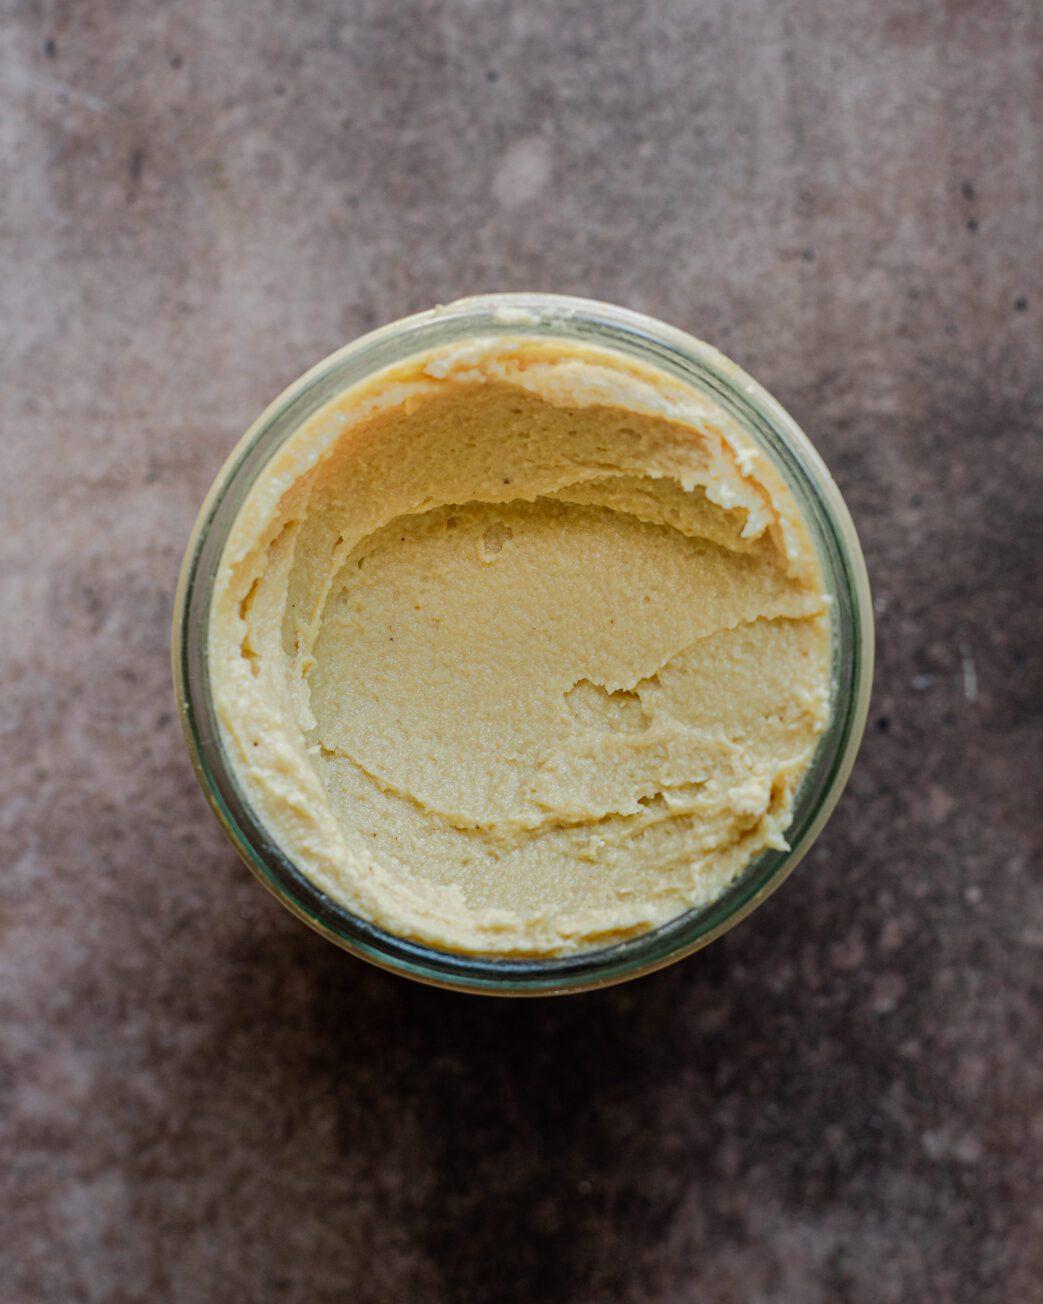 fermented cheese in jar, pre-fermenation